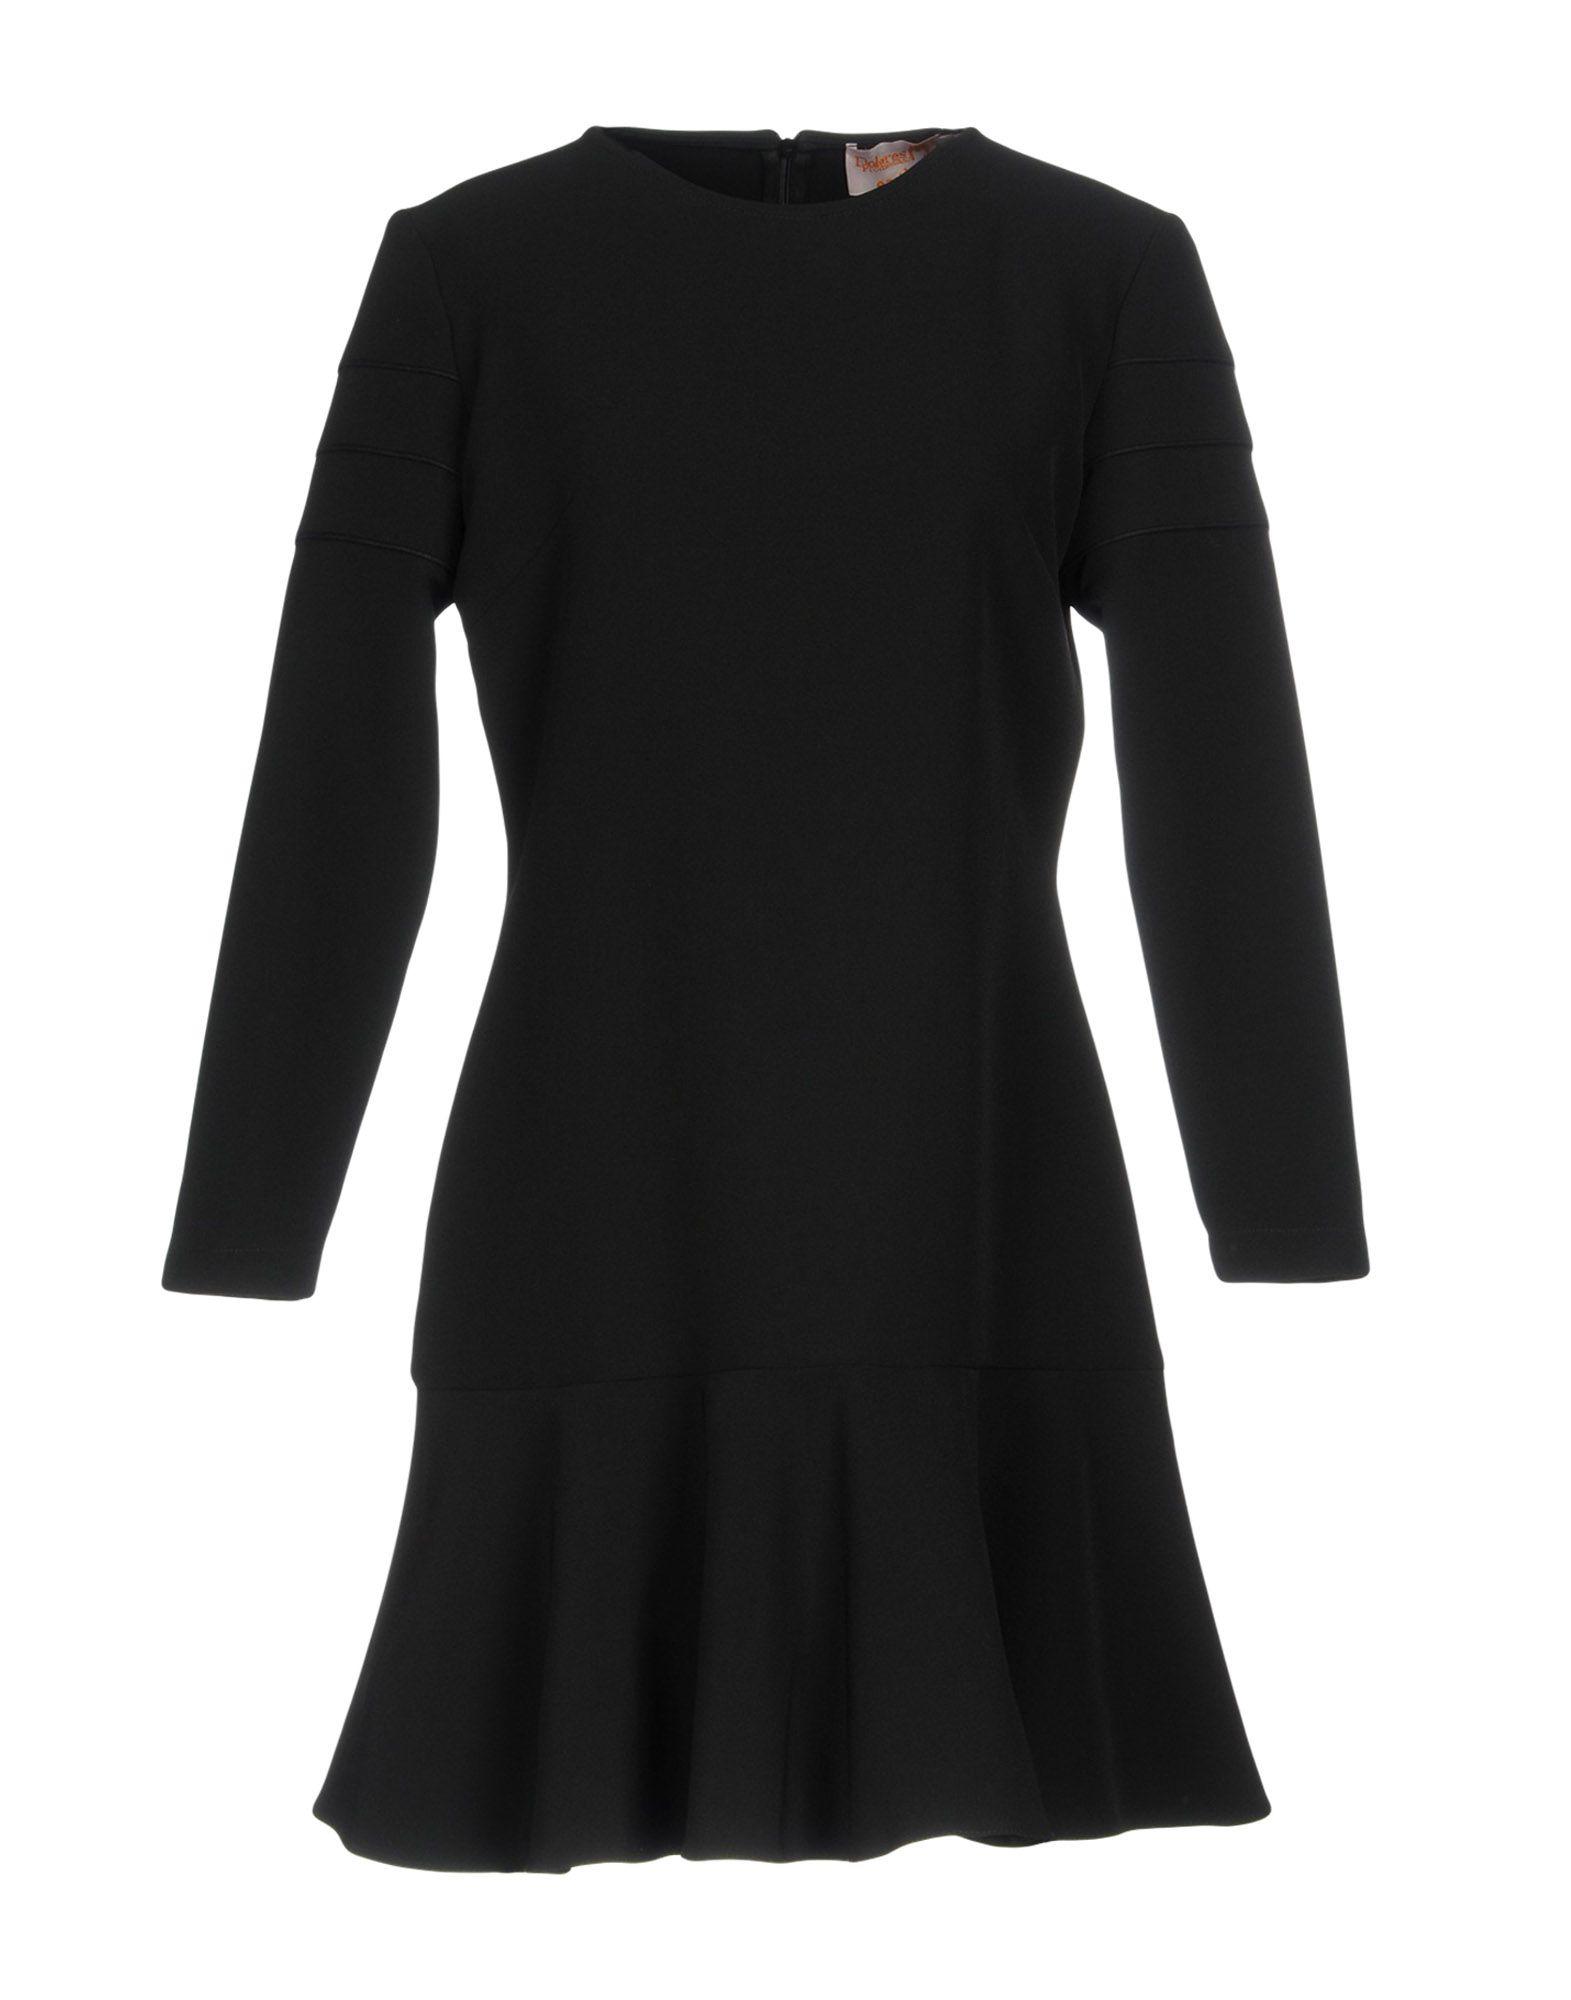 все цены на DOLORES PROMESAS EARTH Короткое платье в интернете